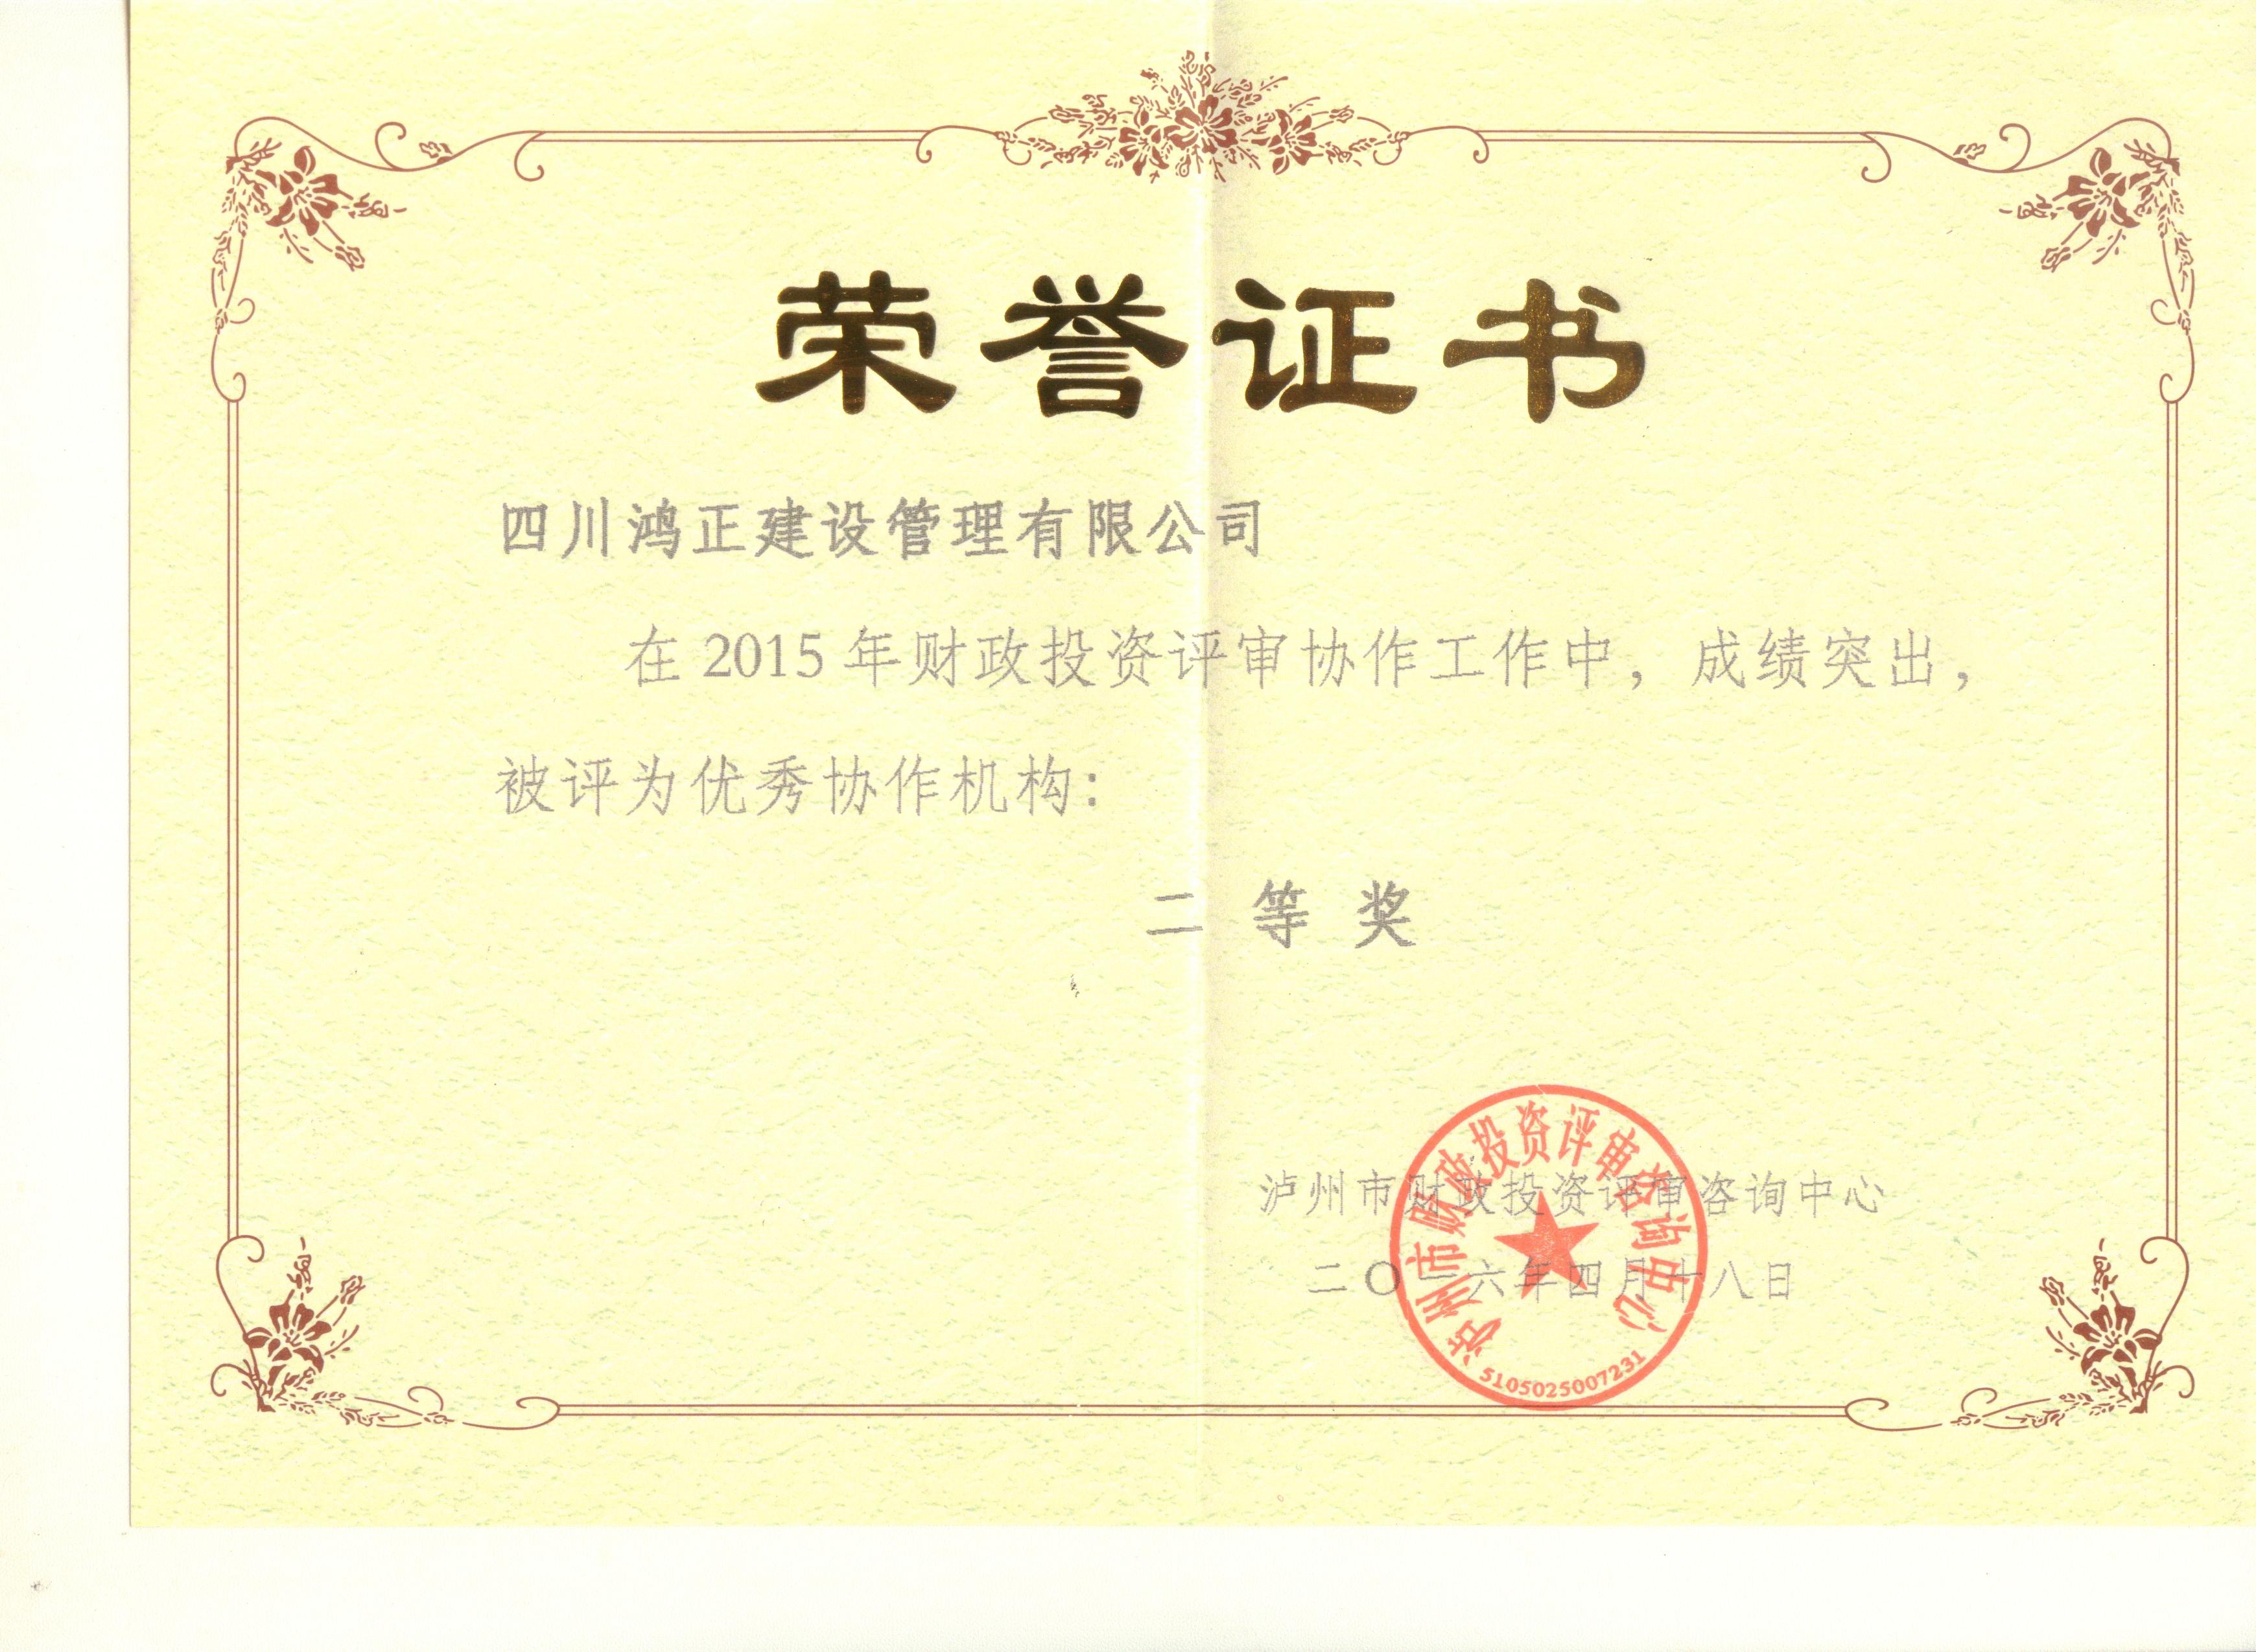 2015年泸州市财政评审二等奖